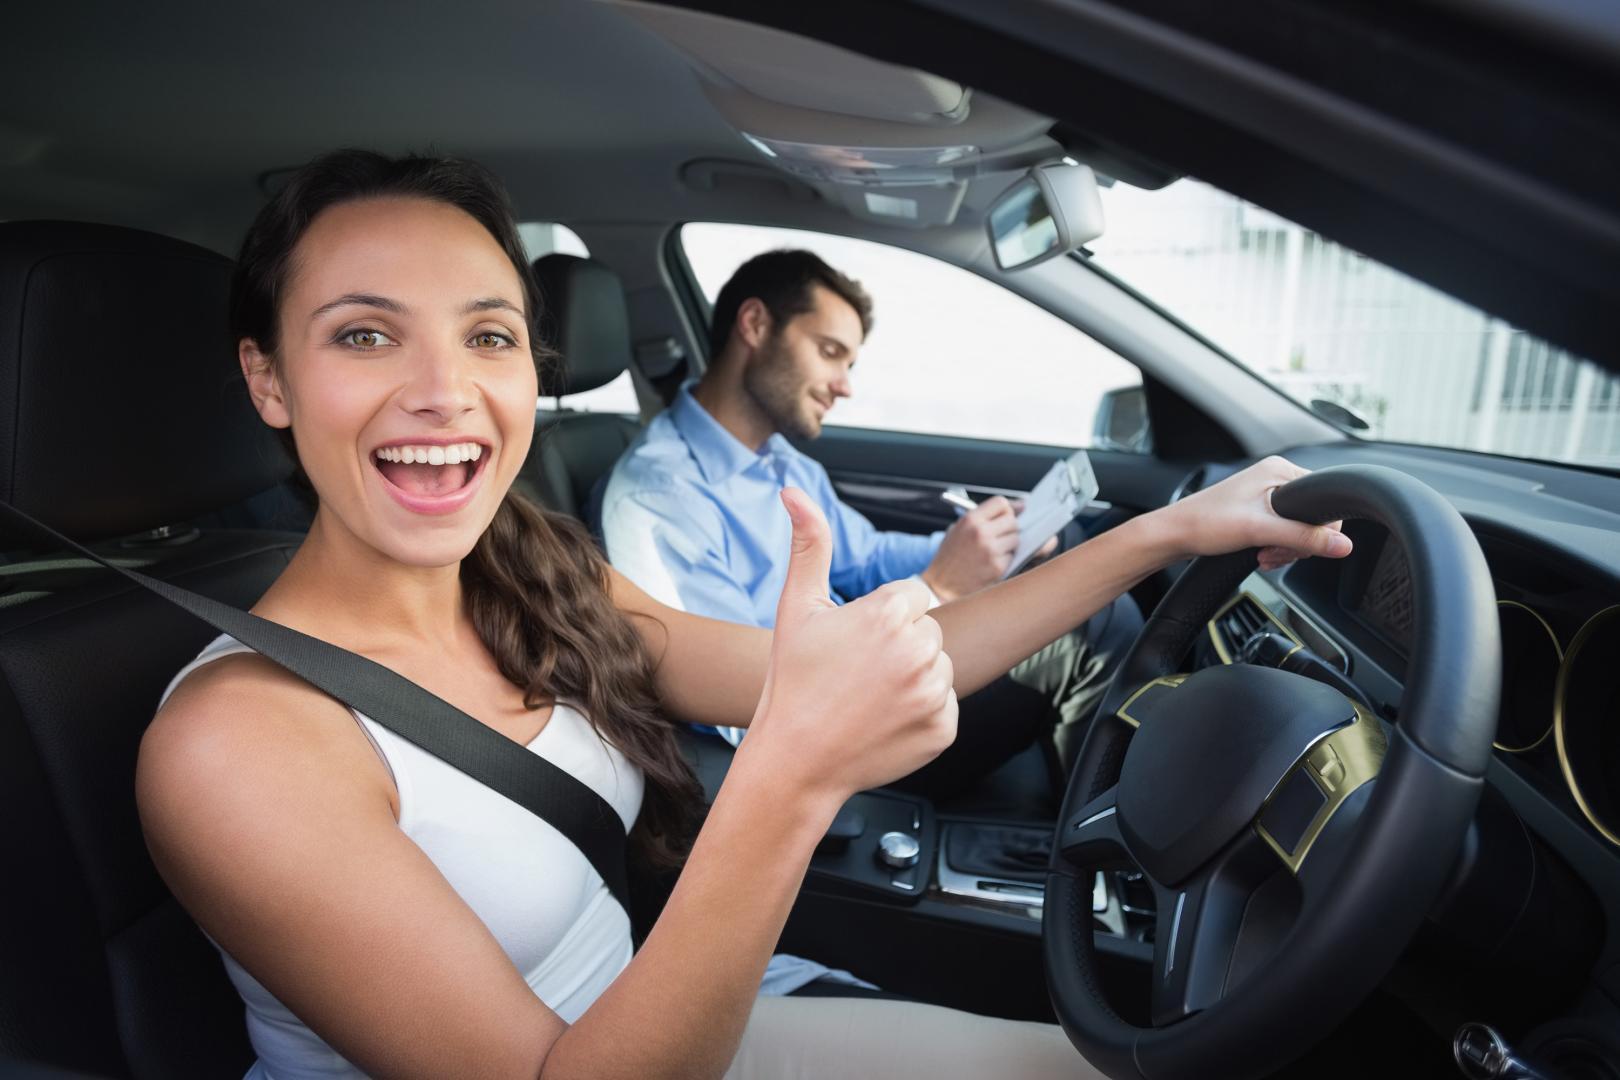 Leer alles wat je moet weten met het theorieboek rijbewijs